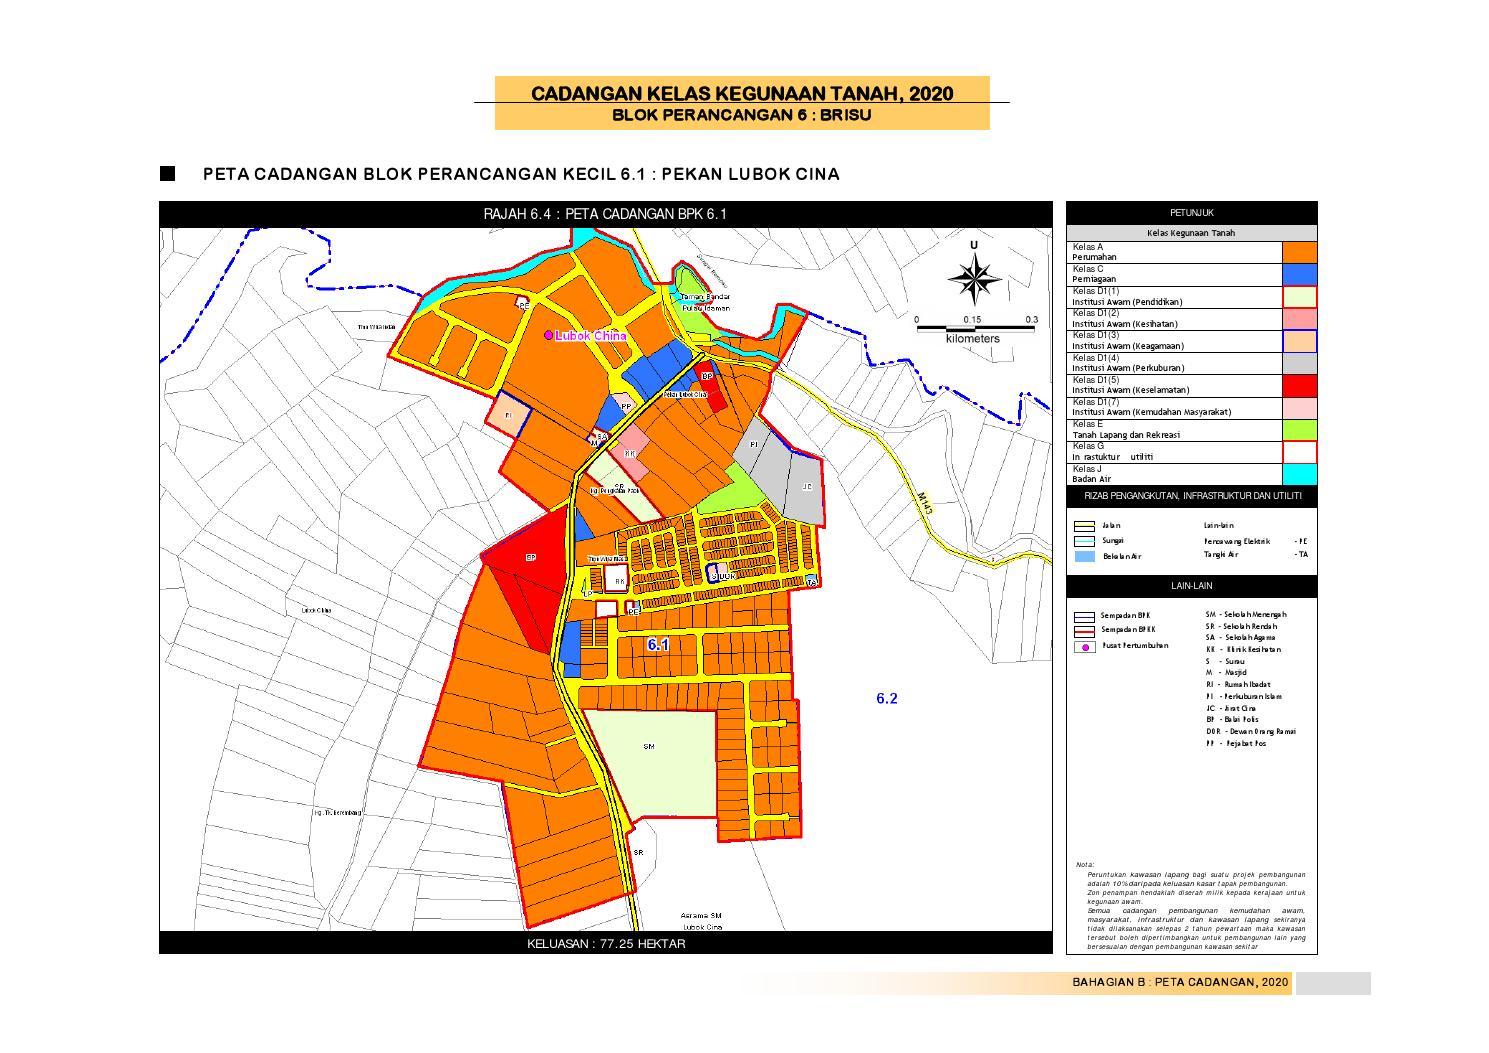 Rancangan tempatan daerah alor gajah by uppjpbd issuu ccuart Choice Image